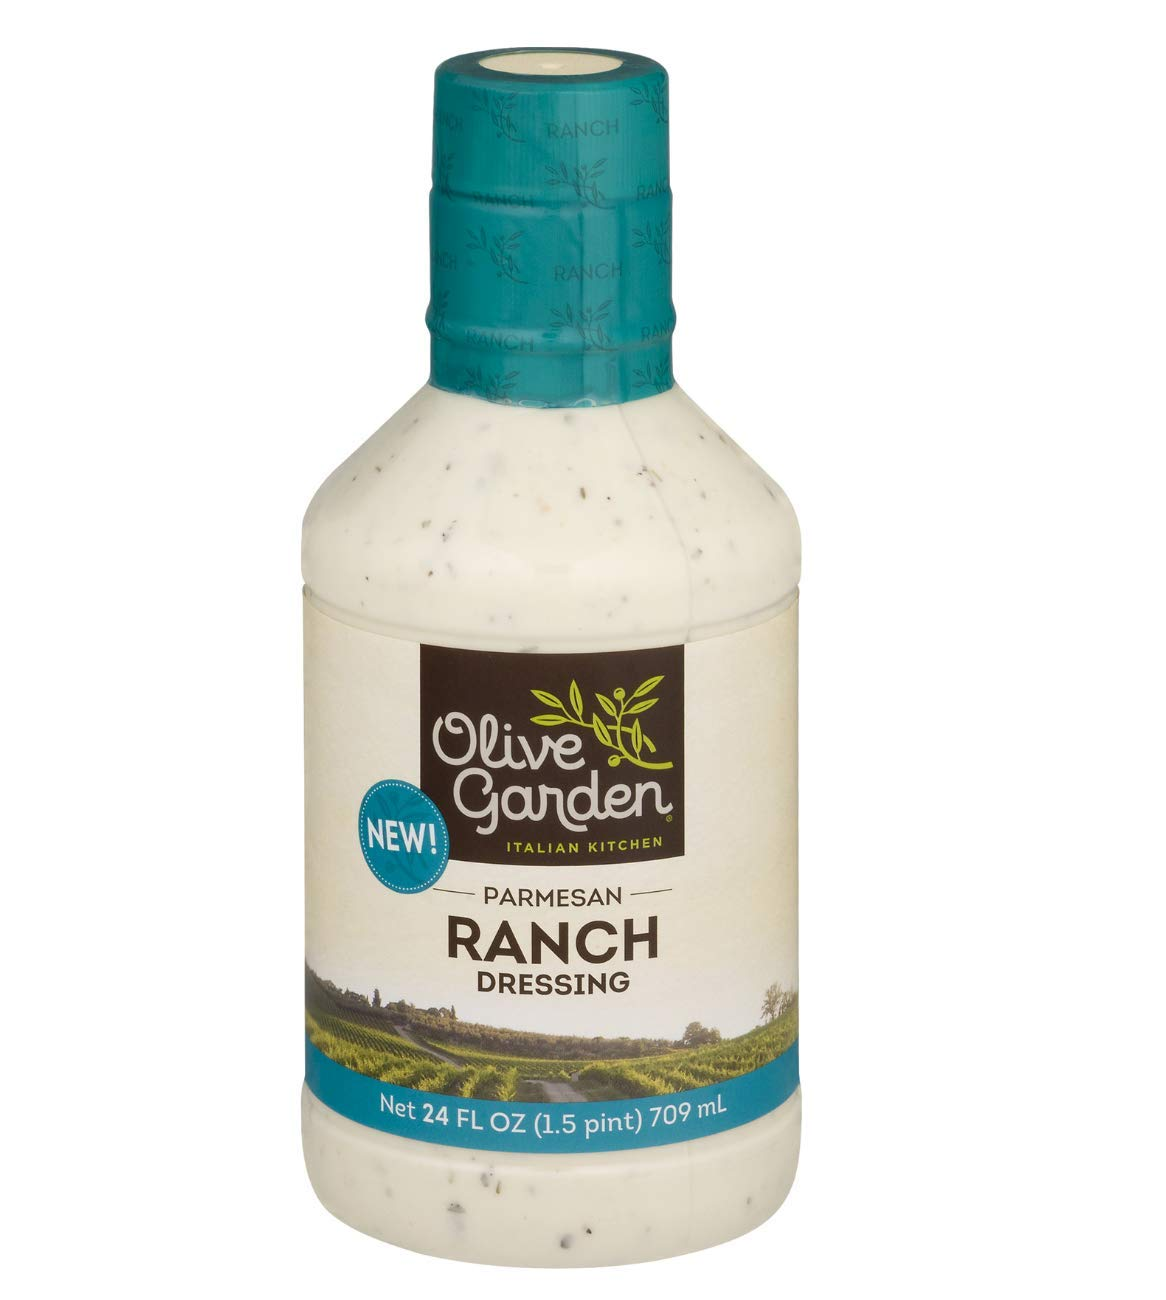 Olive Garden Parmesan Ranch Dressing 24 oz.